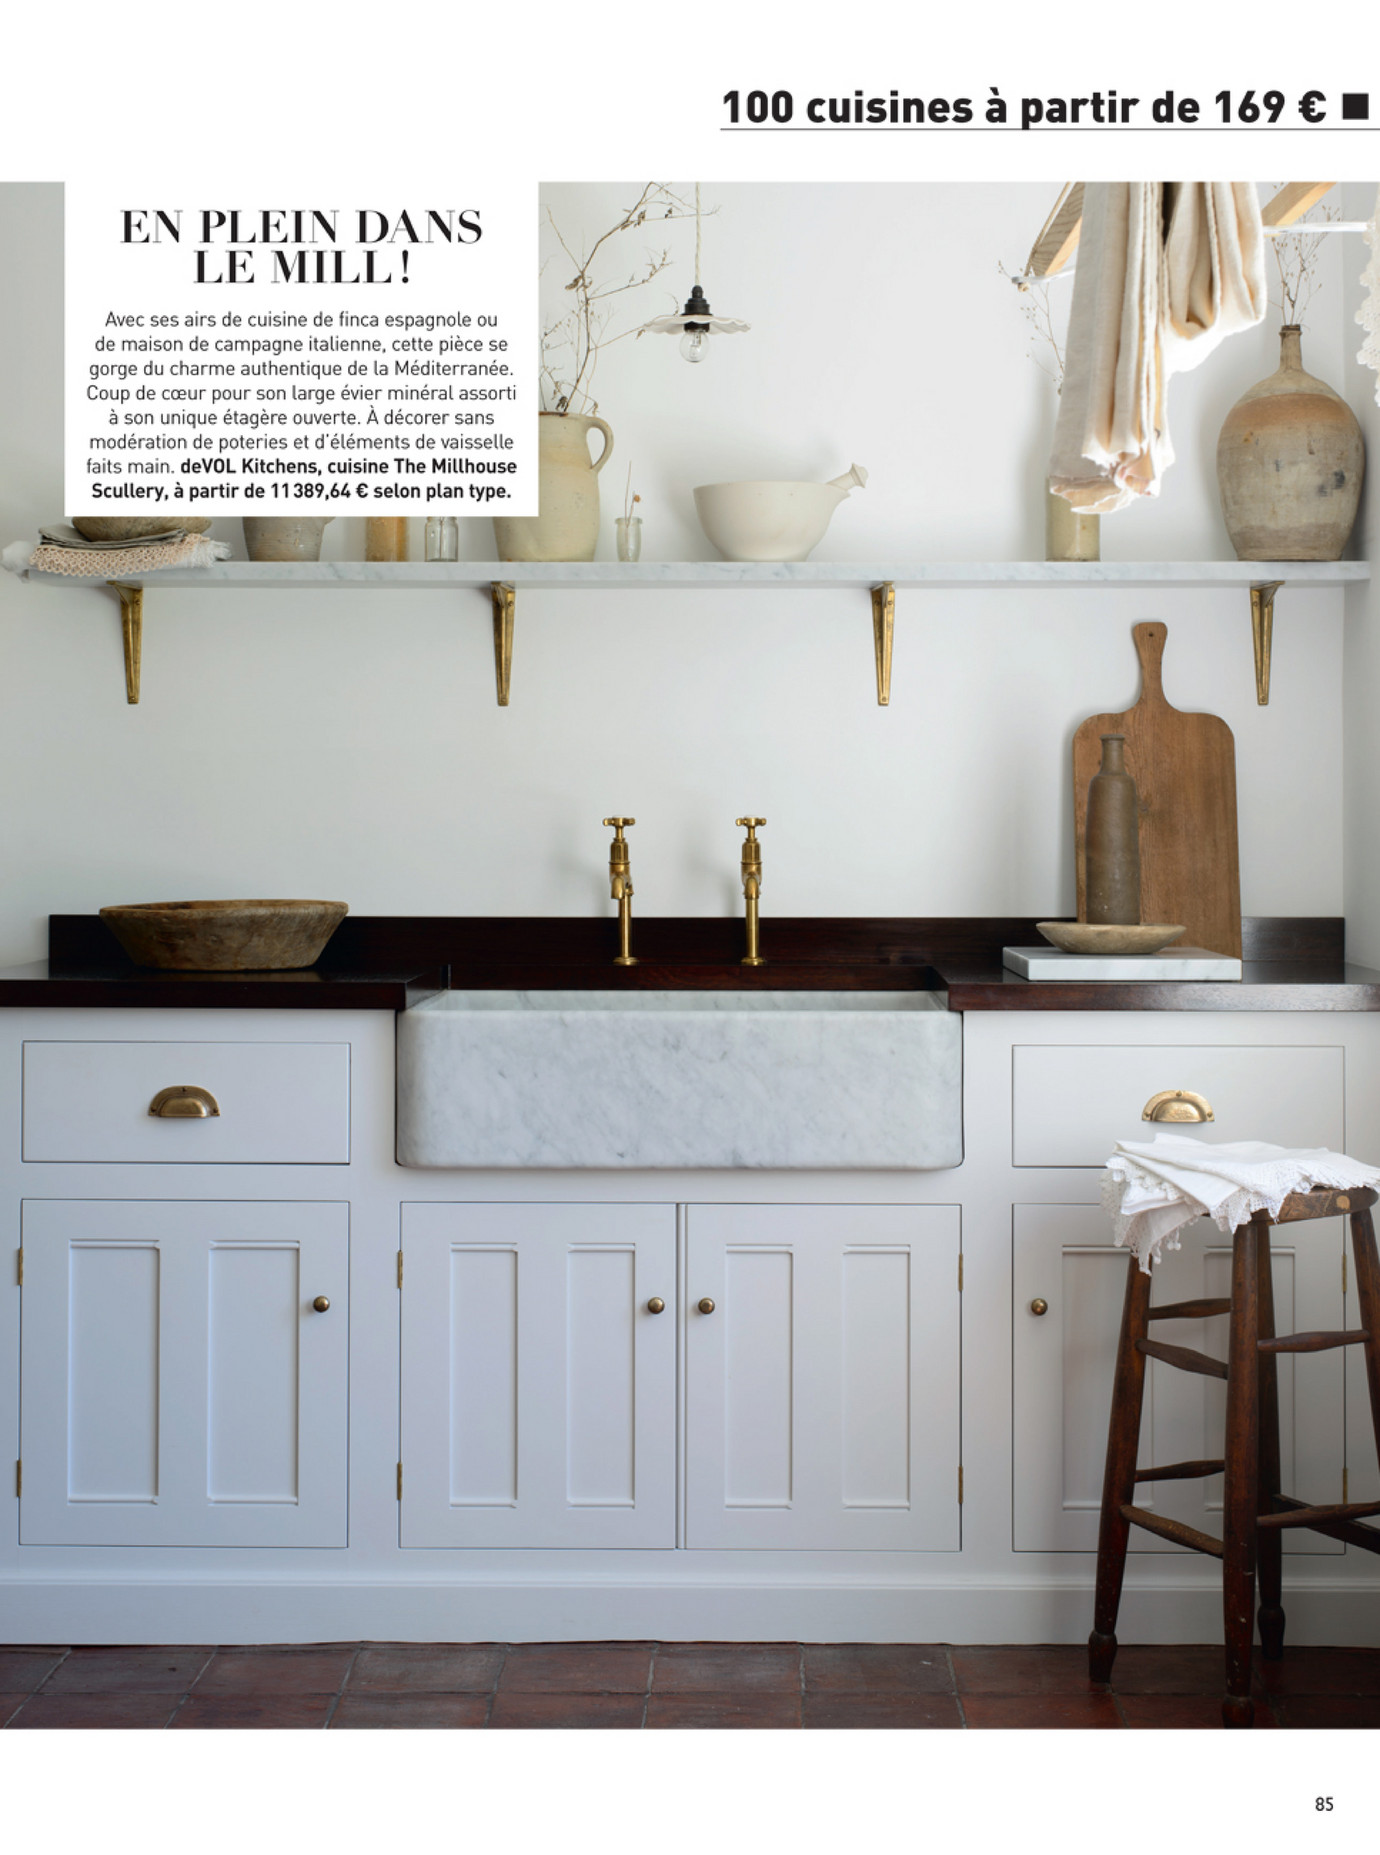 Bar Design Pour Maison devol brochures - home cuisines & bains - page 2-3